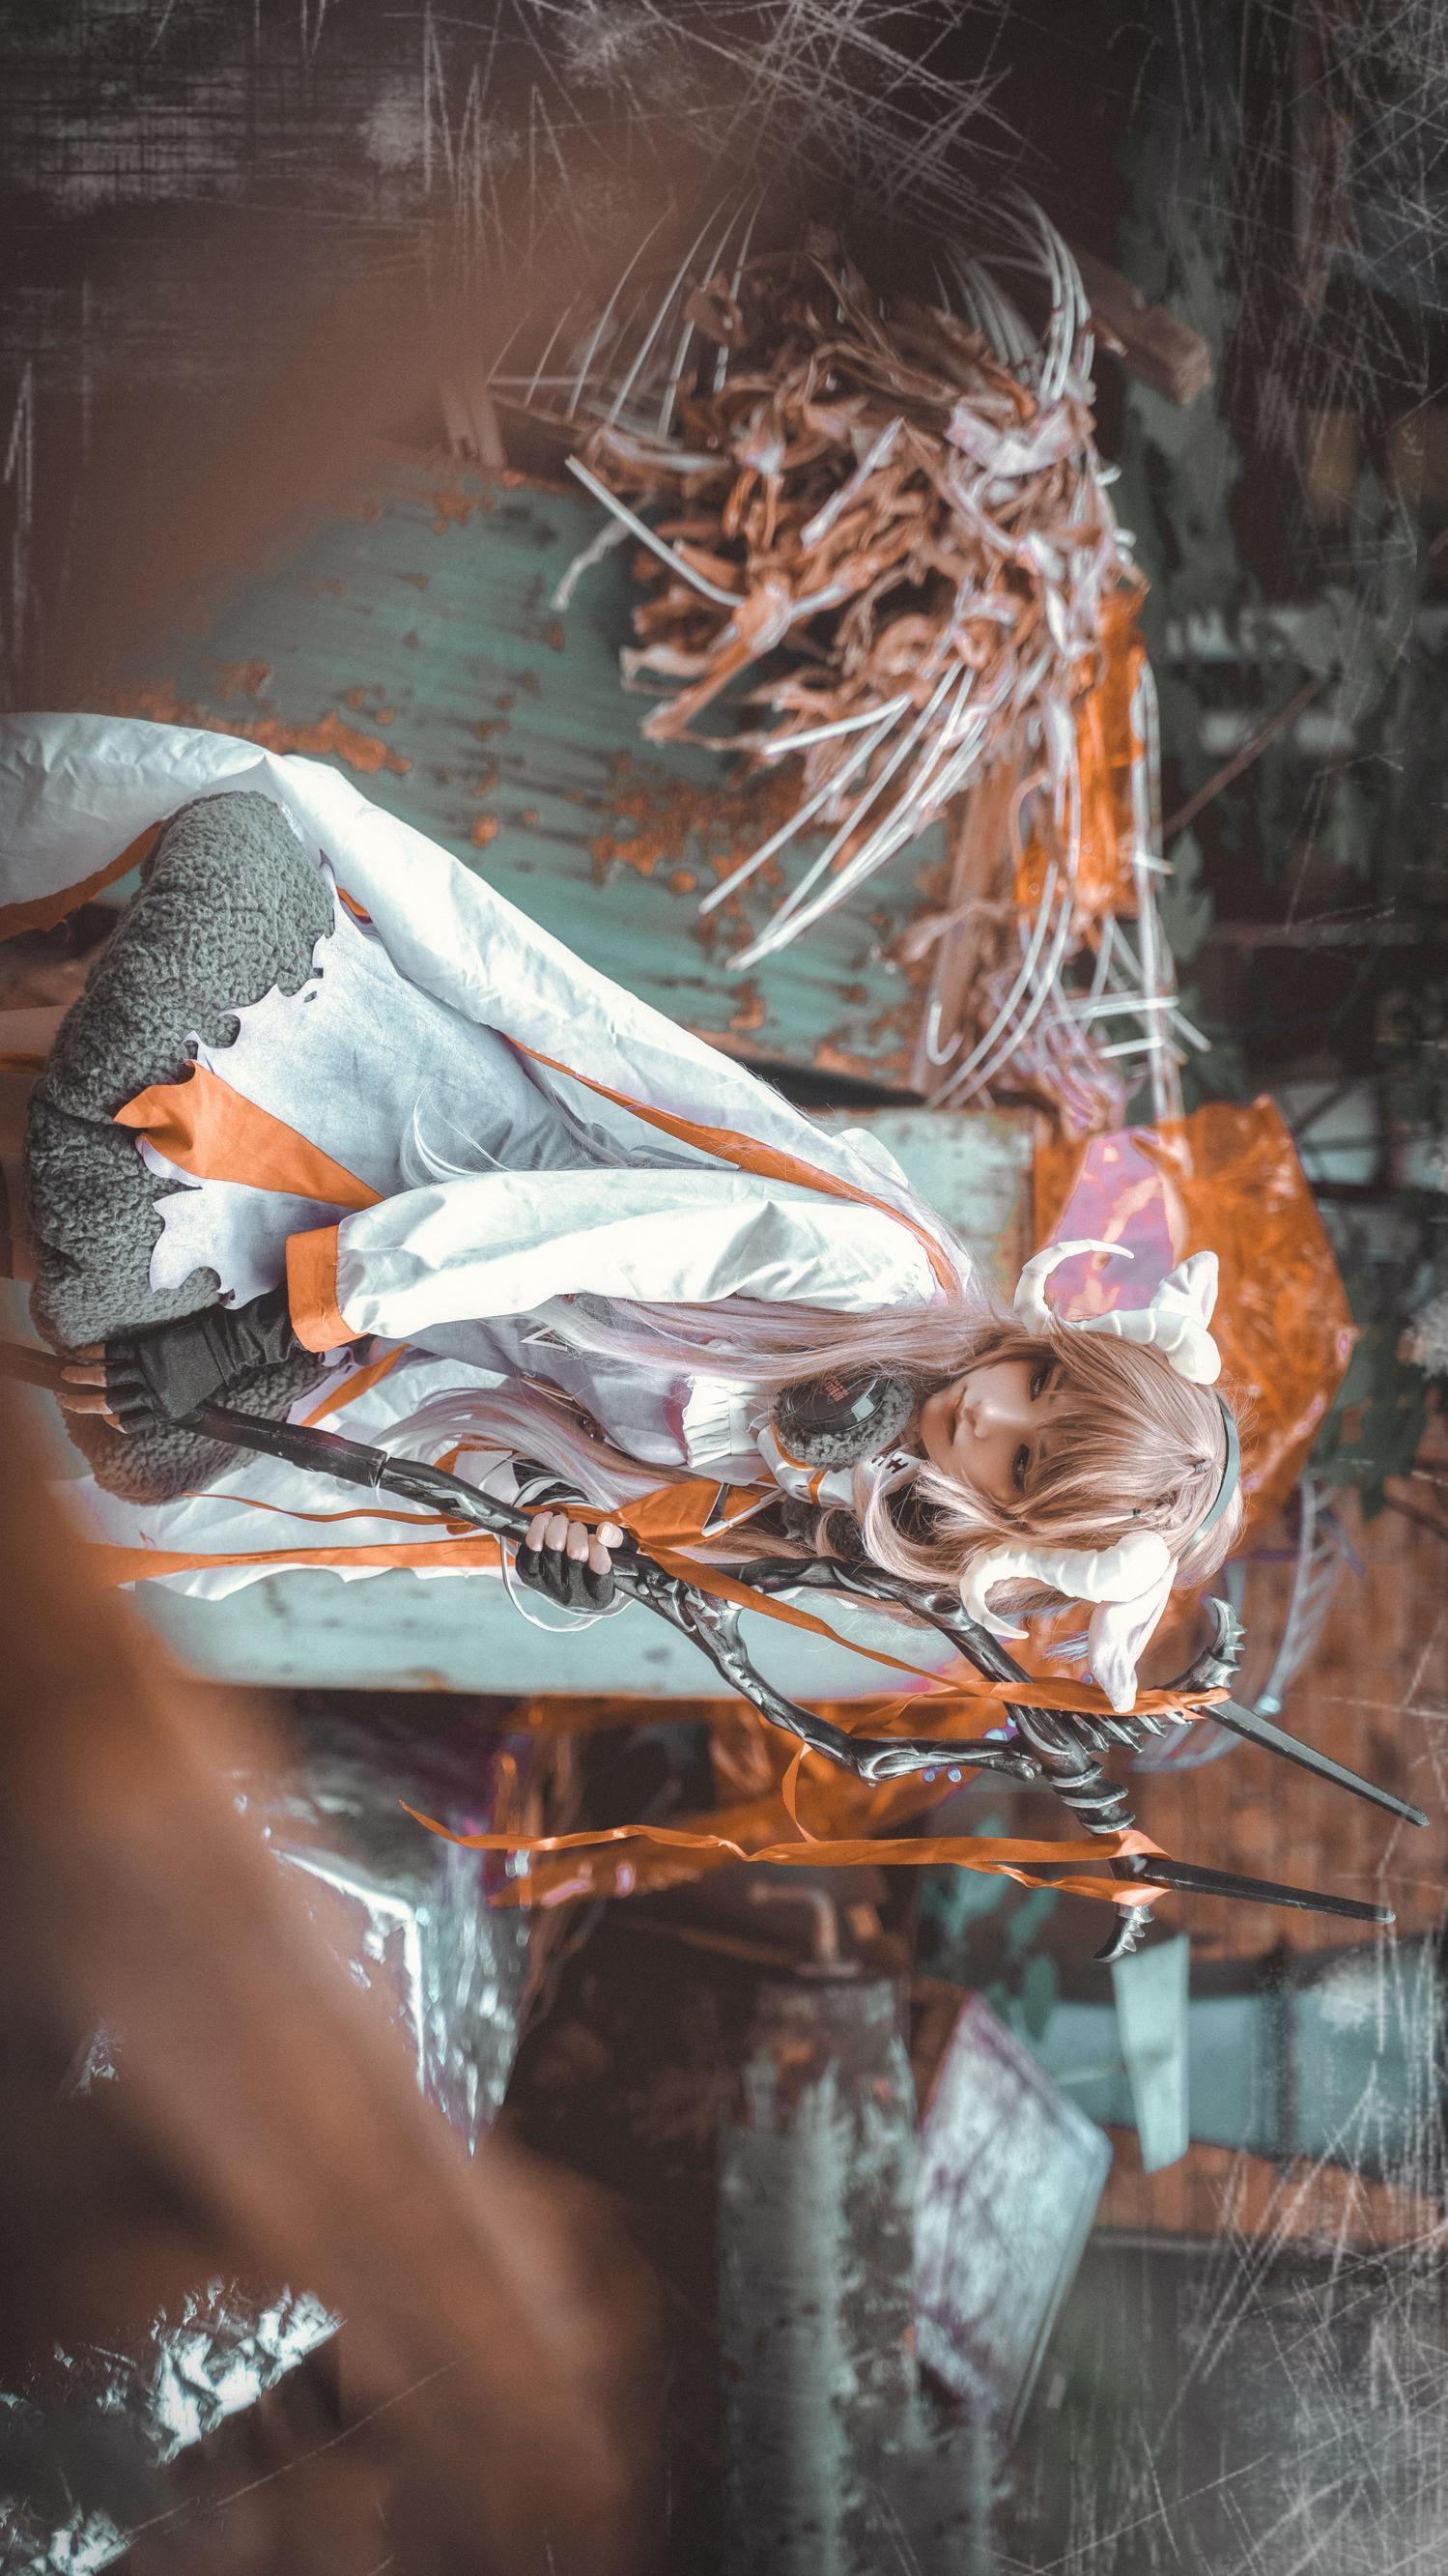 《明日方舟》小绵羊cosplay【CN:-cosplay皮带图片子刈-】 –插图